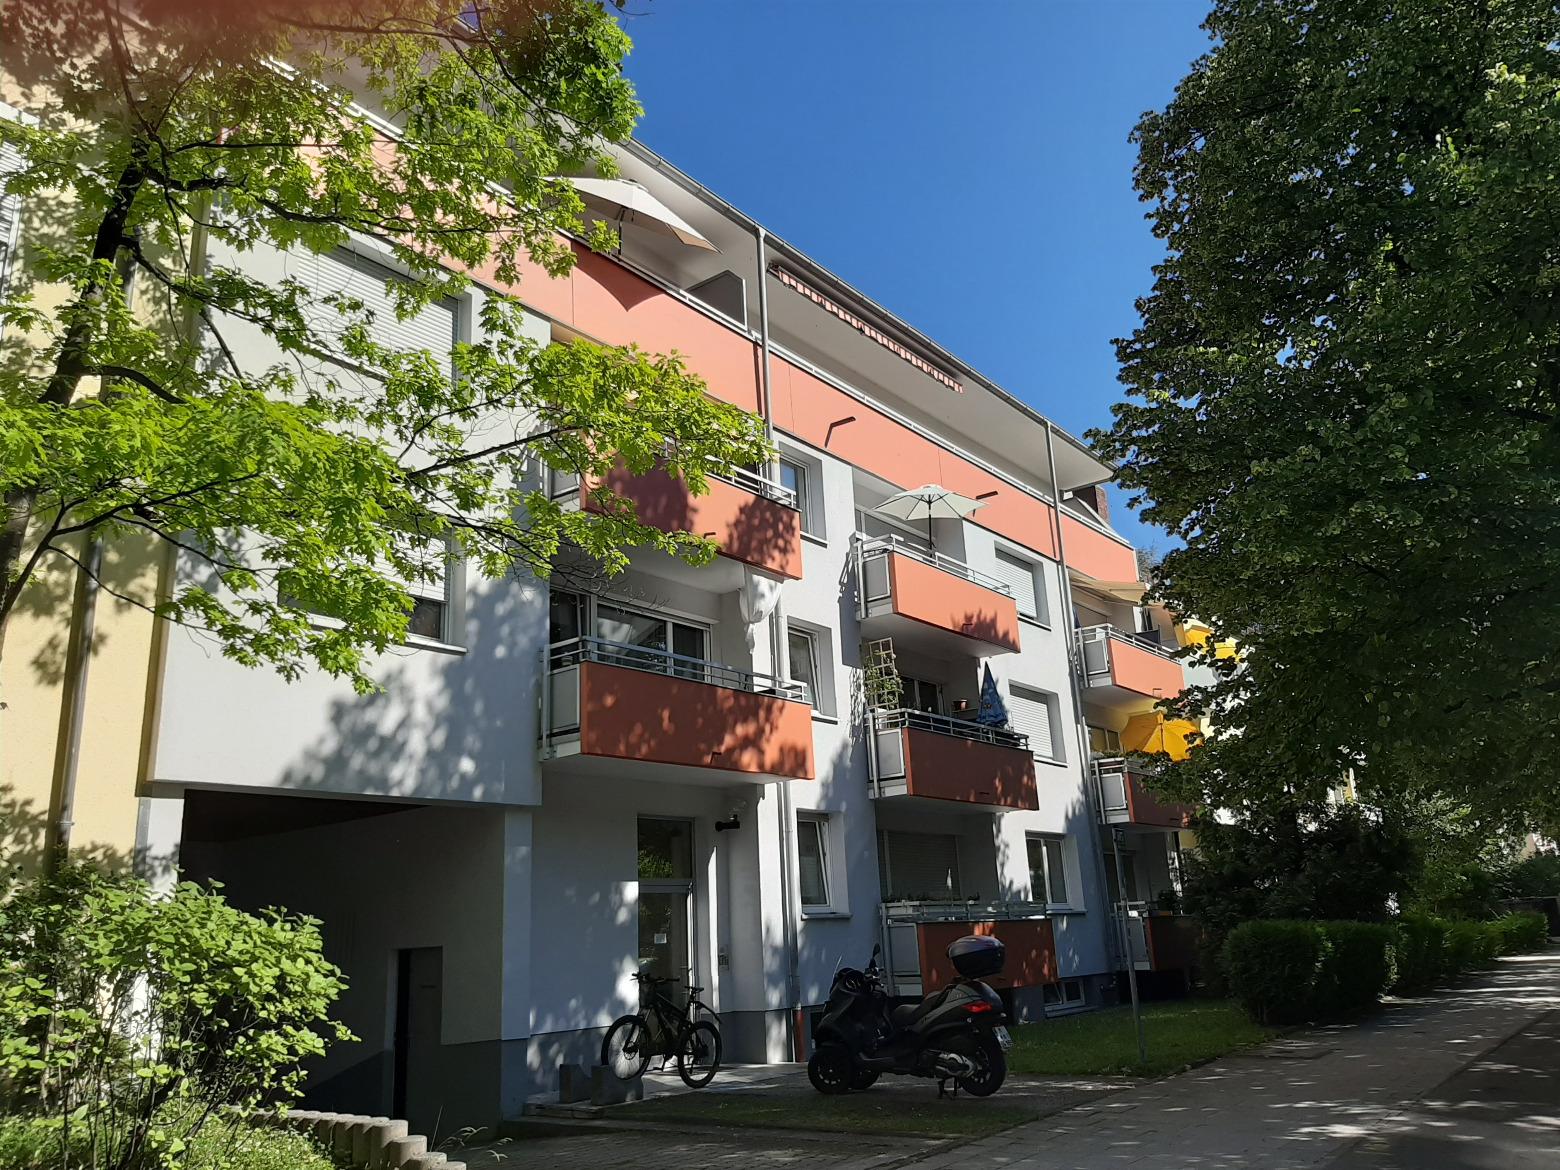 Foncia gepflegte 4 zimmer wohnung mit gro em balkon in for 4 zimmer wohnung munchen